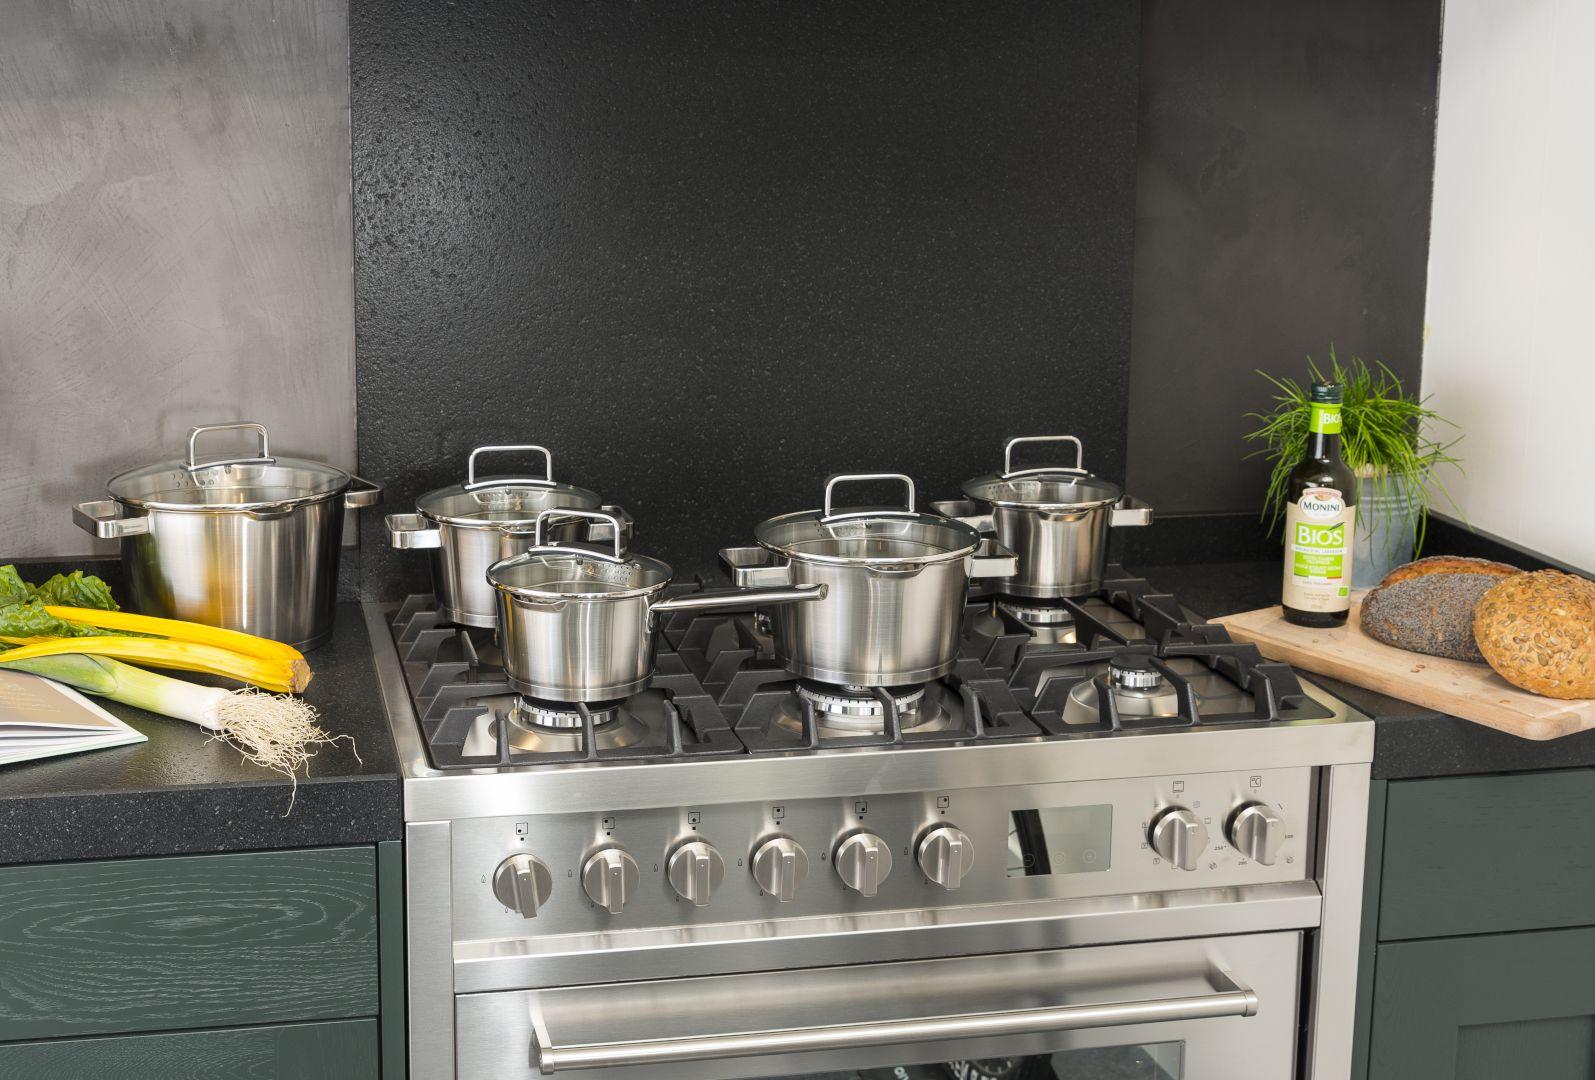 Eten opwarmen: Kan mijn pan in de magnetron?